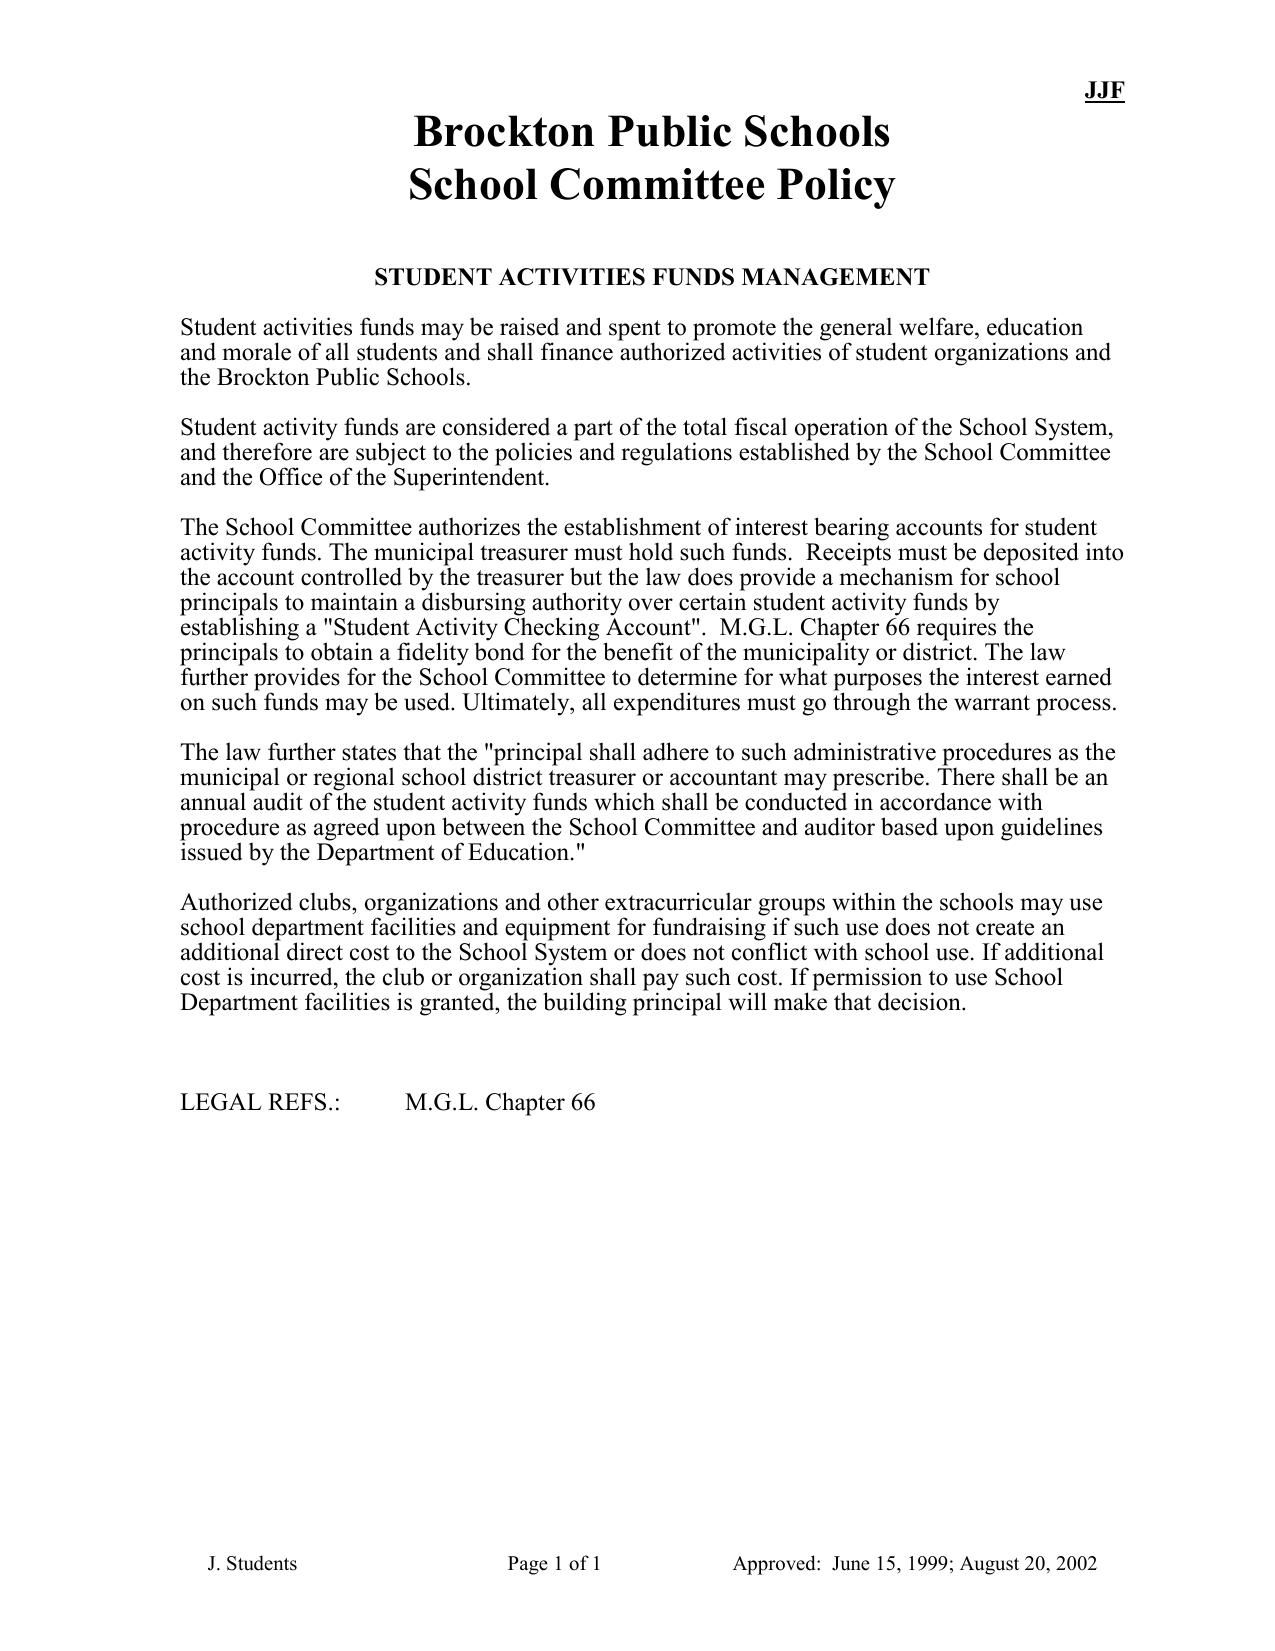 Brockton Public Schools School Committee Policy